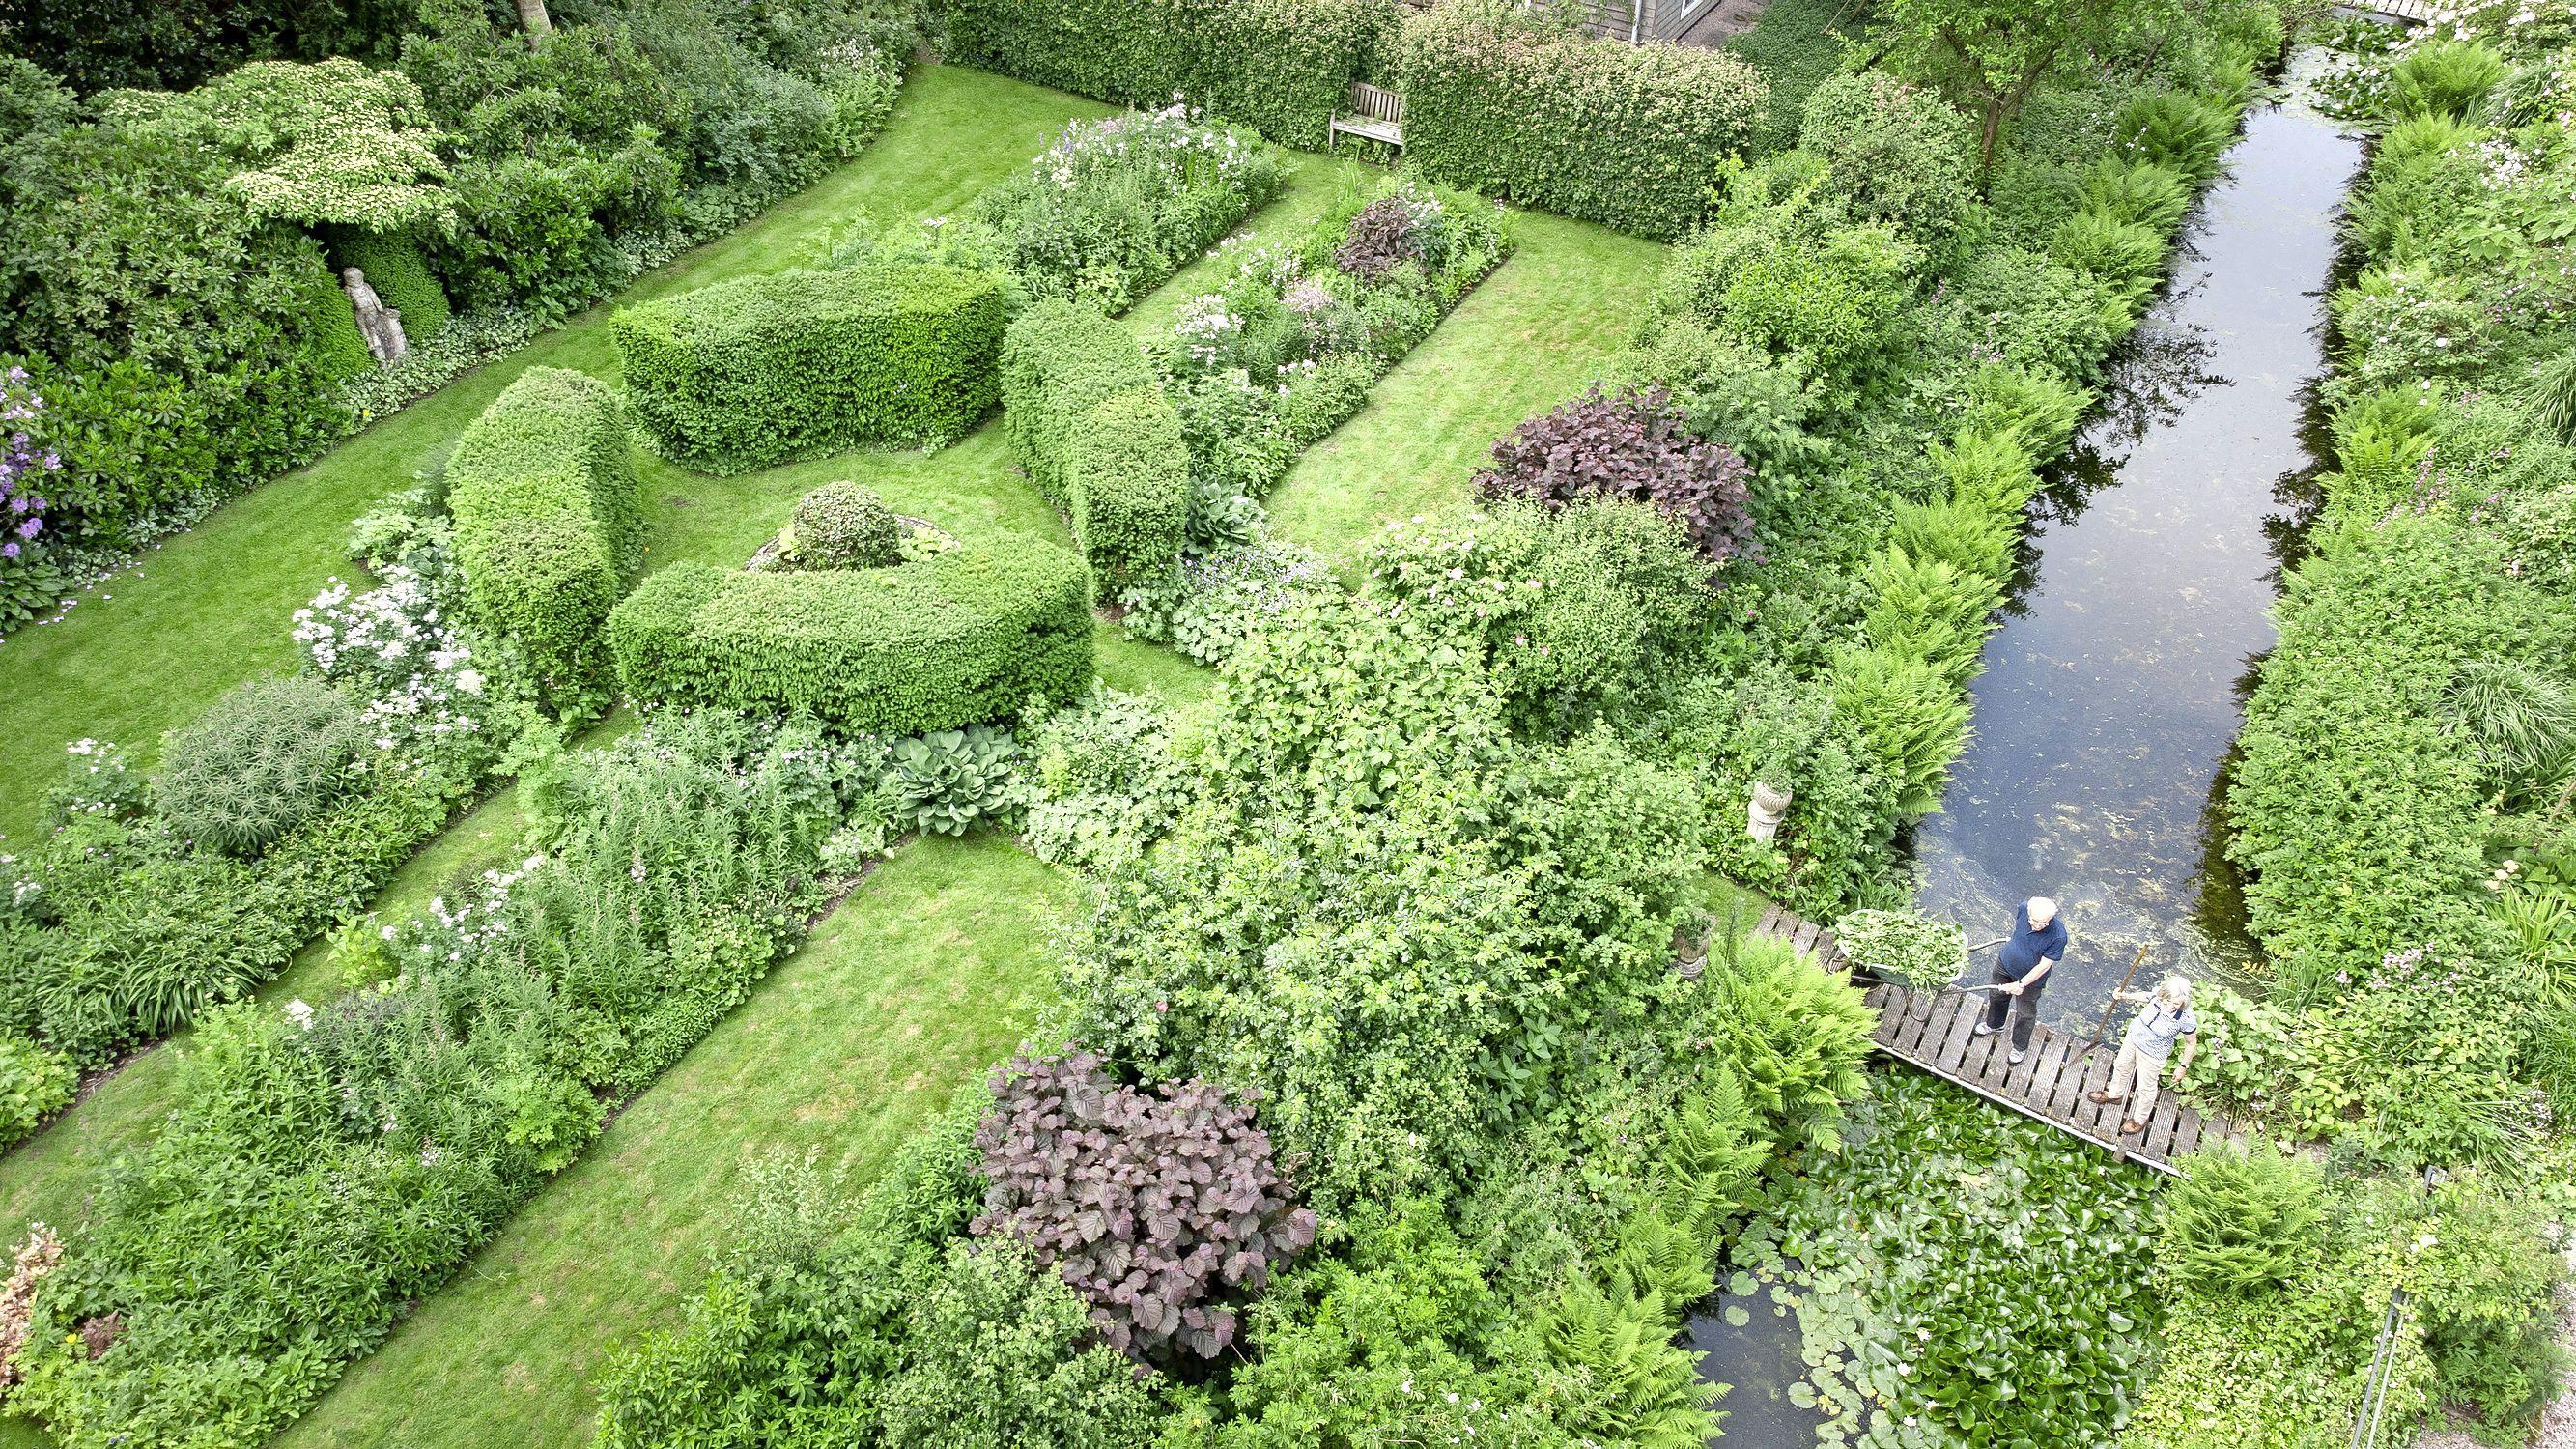 Emely's tuin laat zich aan de vooravond van de jaarlijkse open dag niet helemaal vangen met de drone